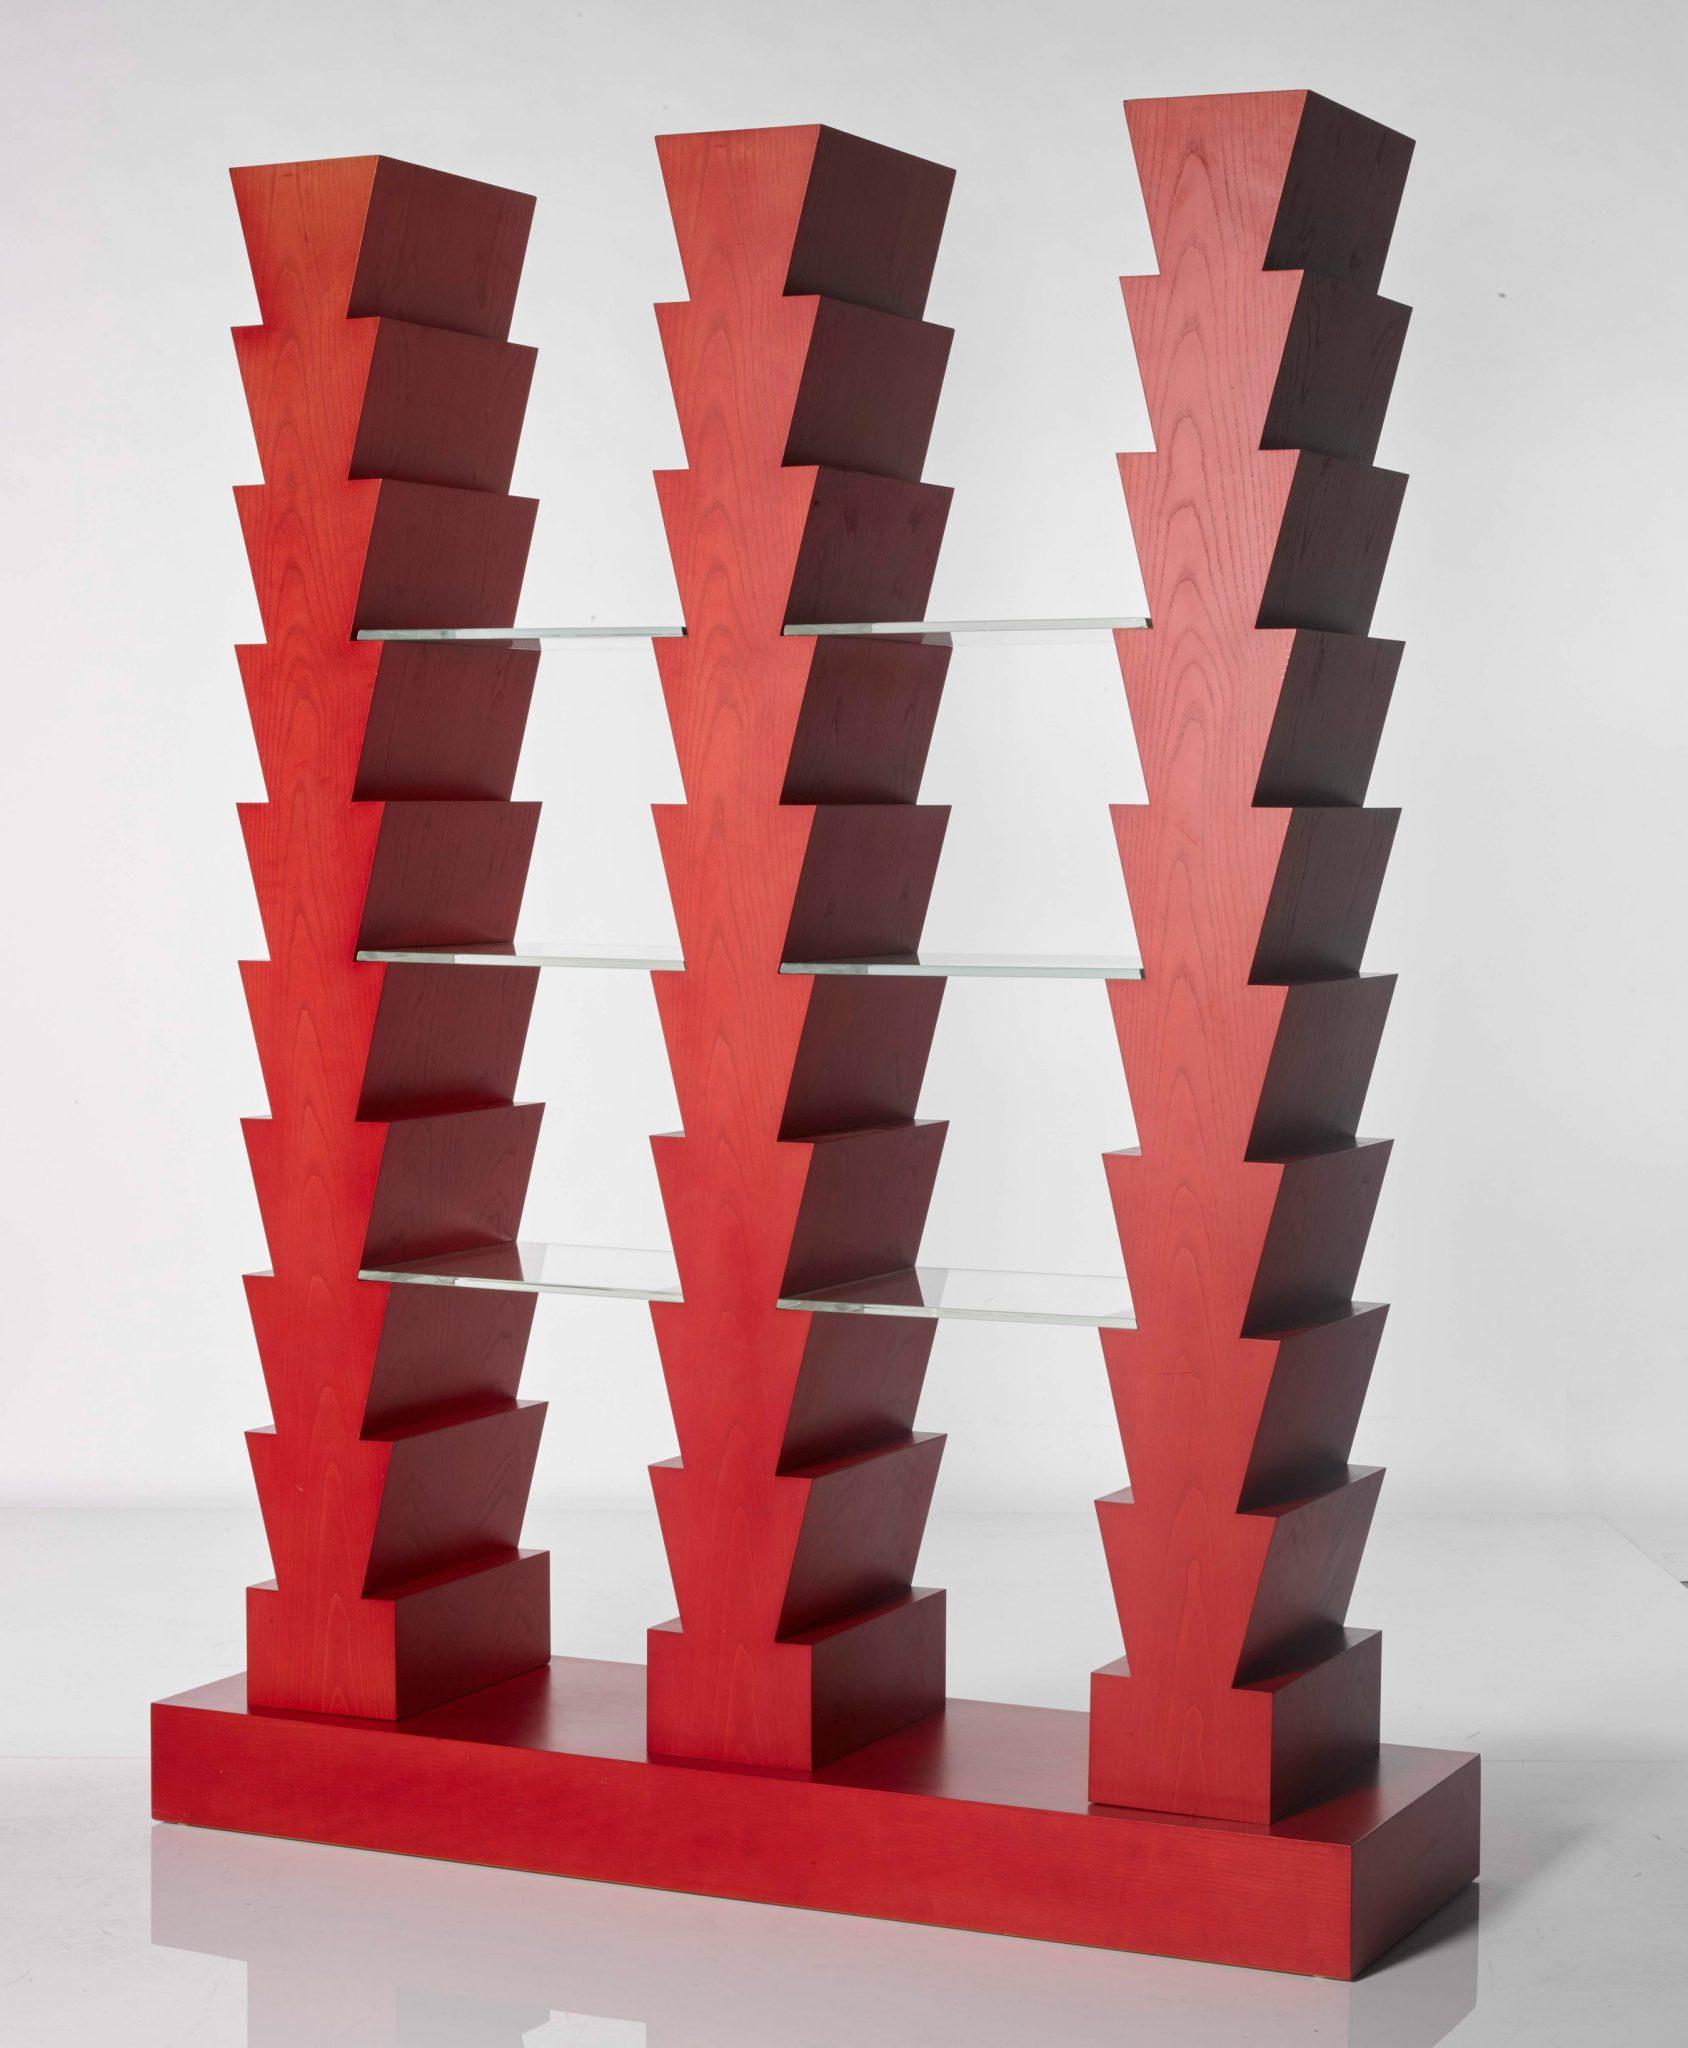 adesso-pero-bookcase-by-ettore-sottsass-designed-in-1992